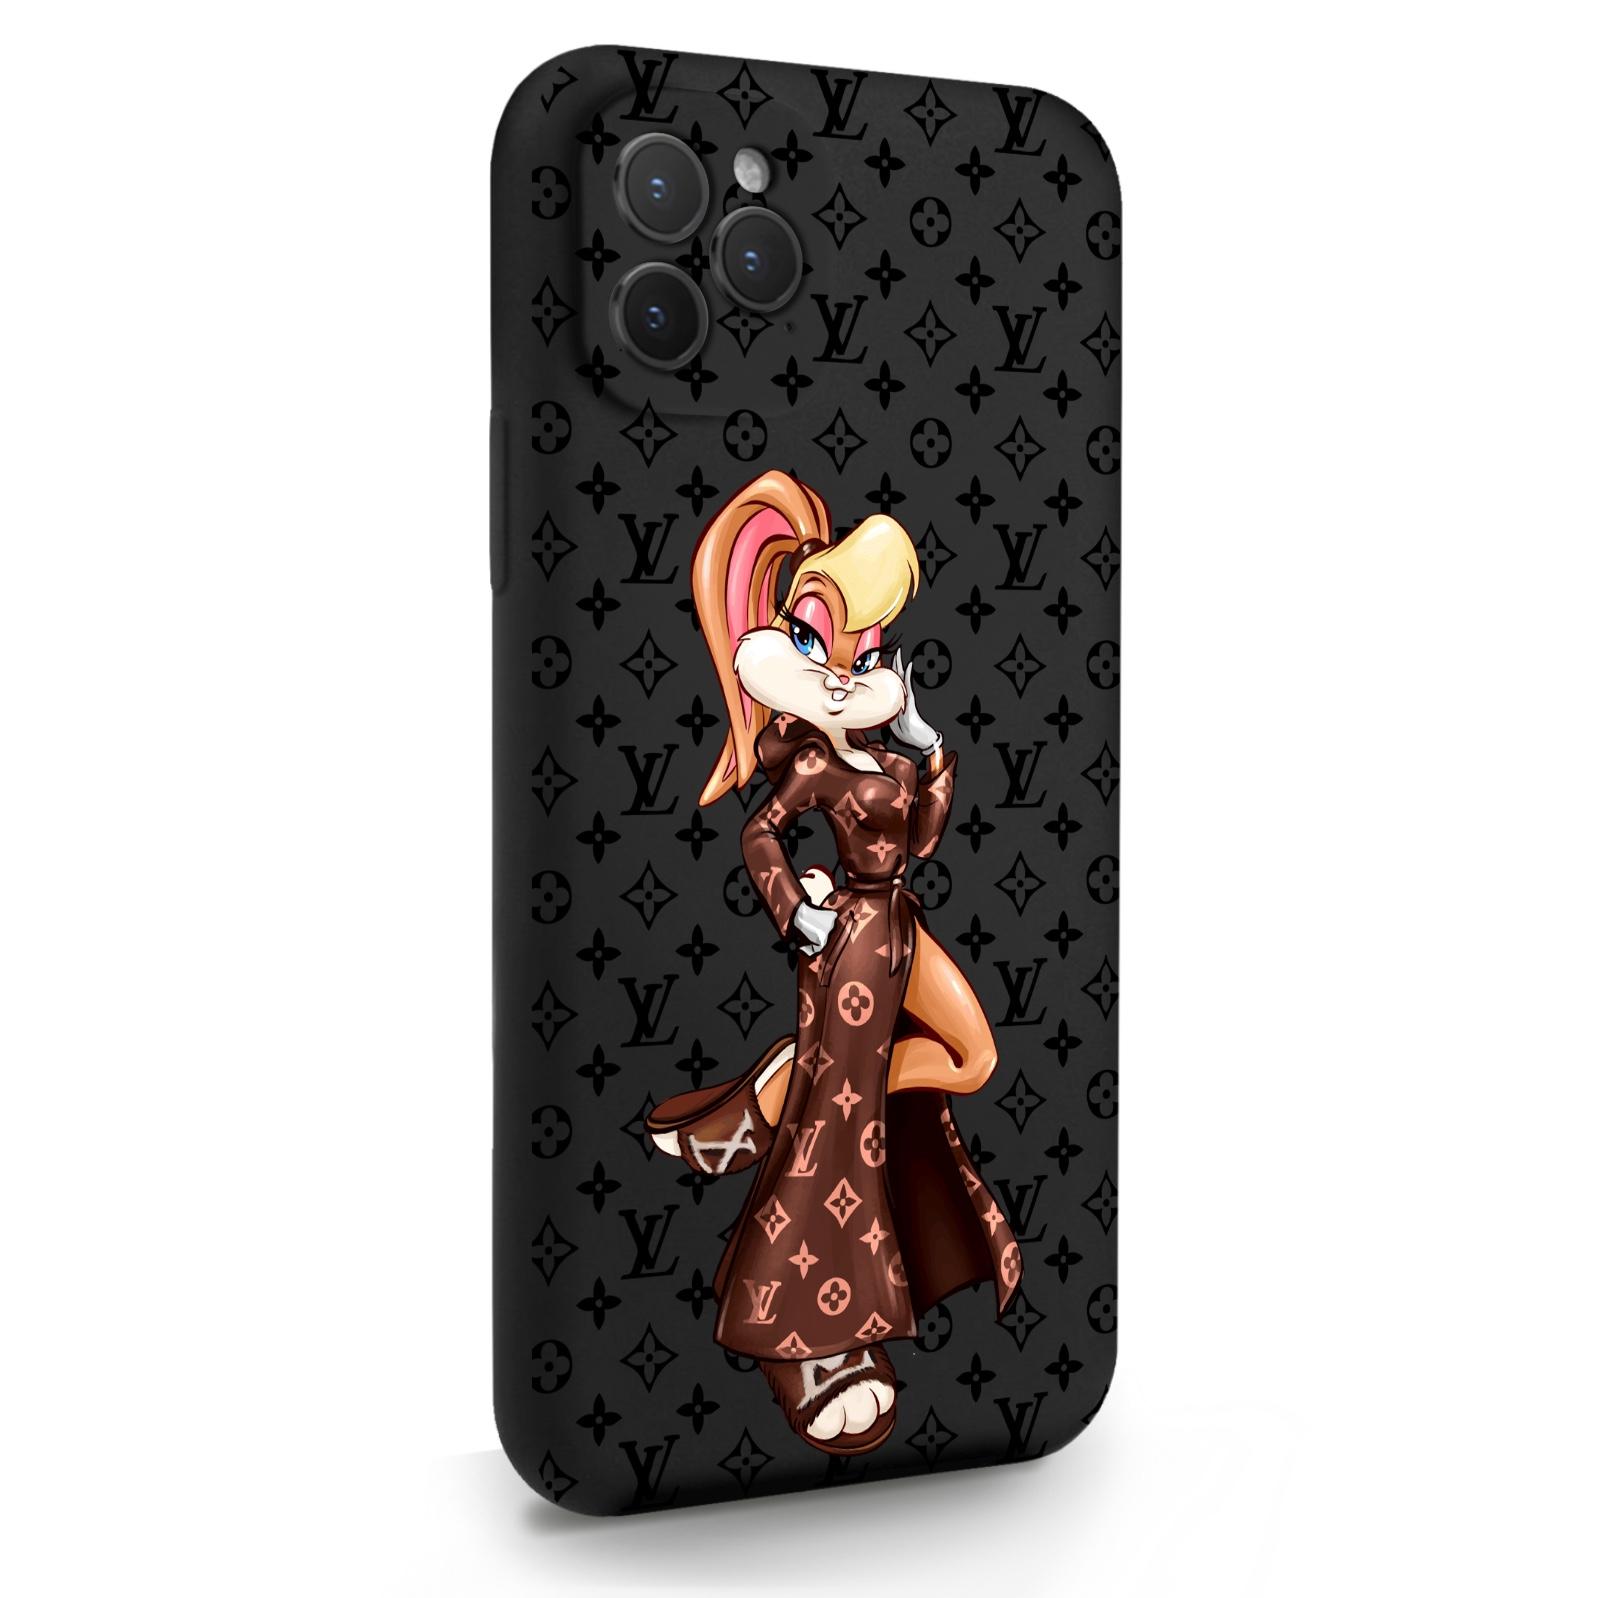 Черный силиконовый чехол для iPhone 11 Pro Миссис Богатая Зайка Релакс LV/ Mrs. Rich Bunny Relax LV для Айфон 11 Про